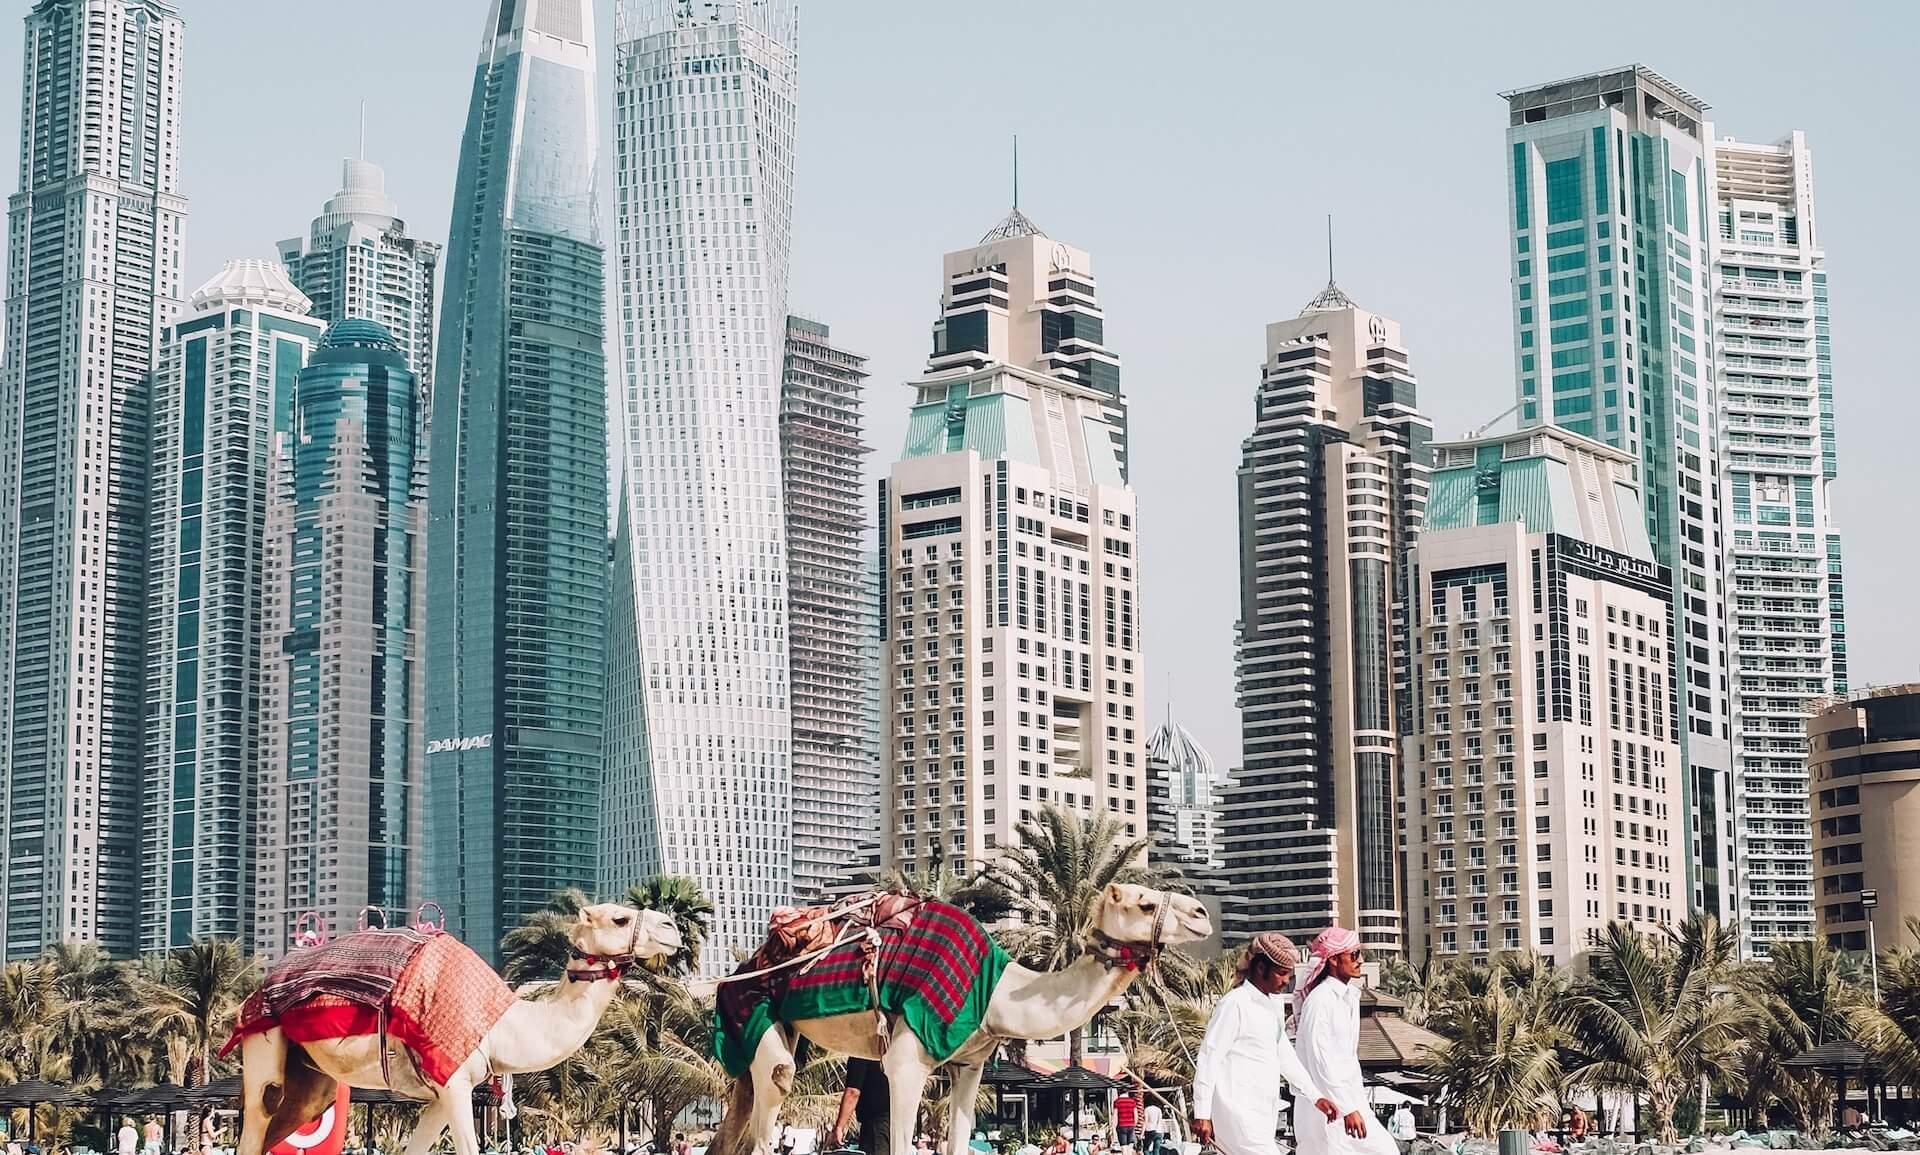 Günstige Flüge nach Dubai buchen - Tipps & Verbindungen